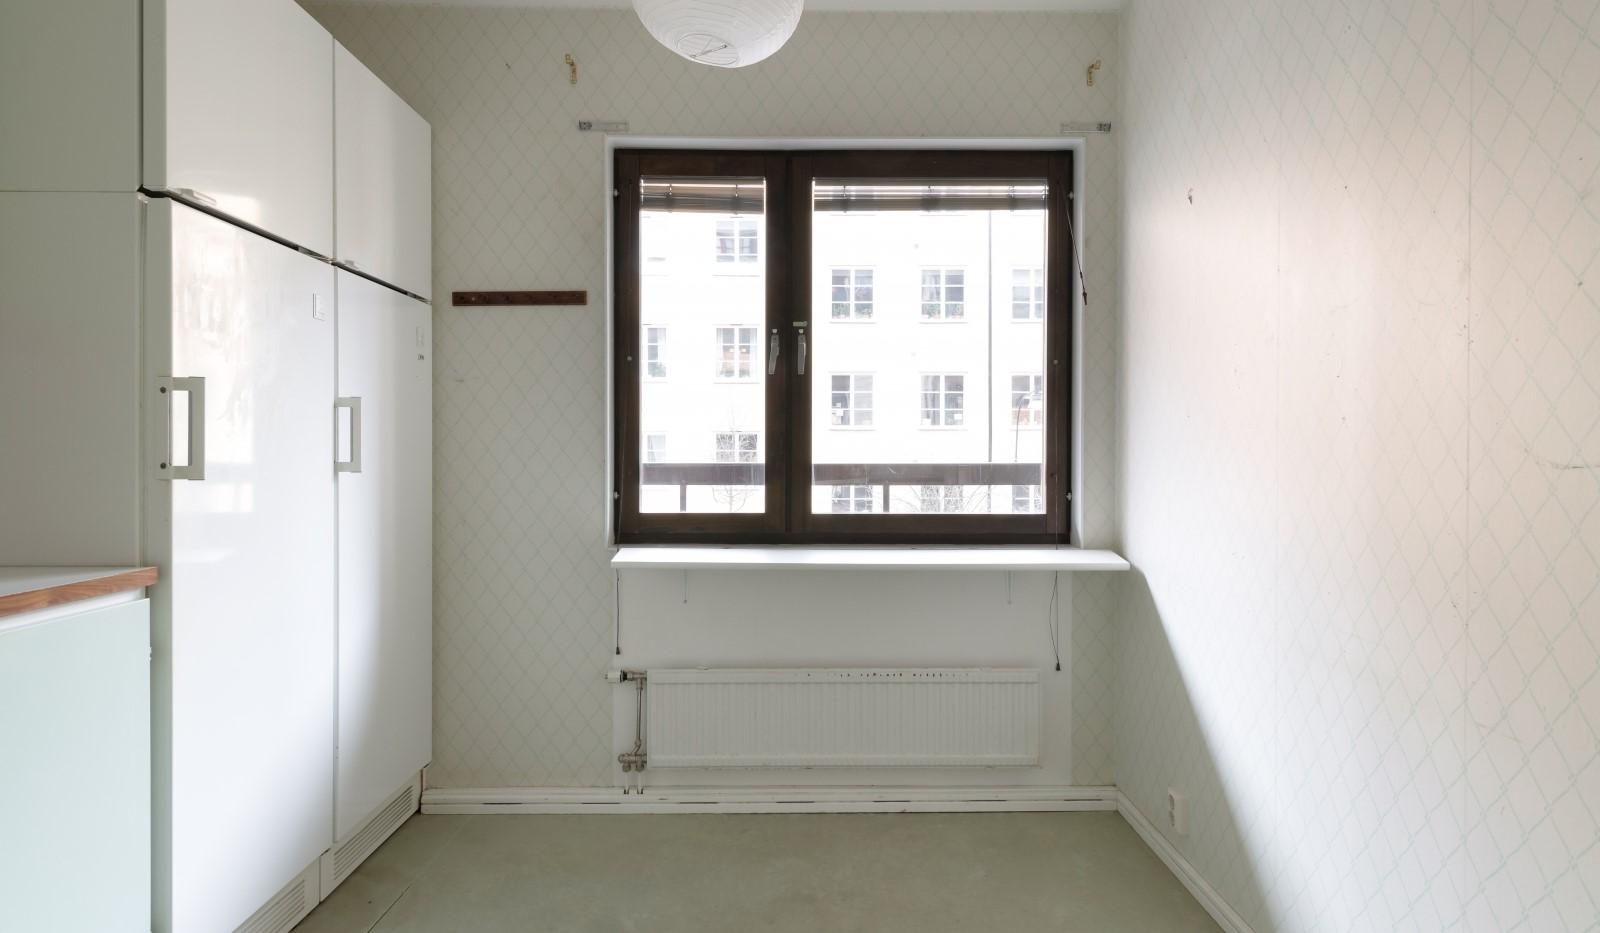 Götgatan 106, 3tr-10